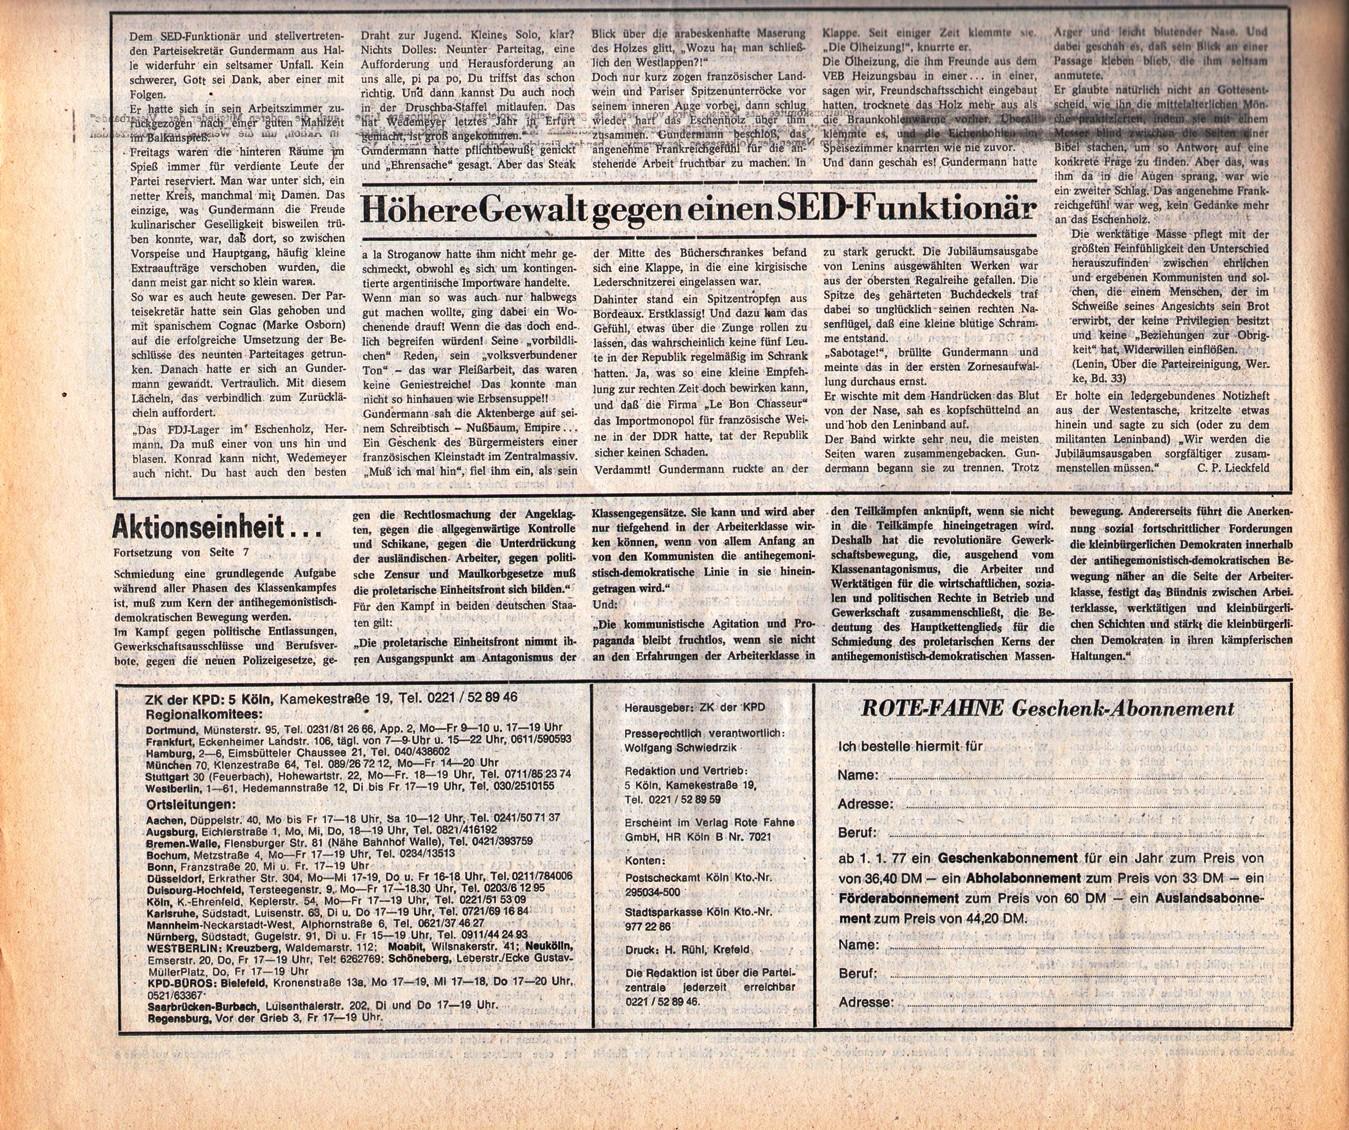 KPD_Rote_Fahne_1976_51_16